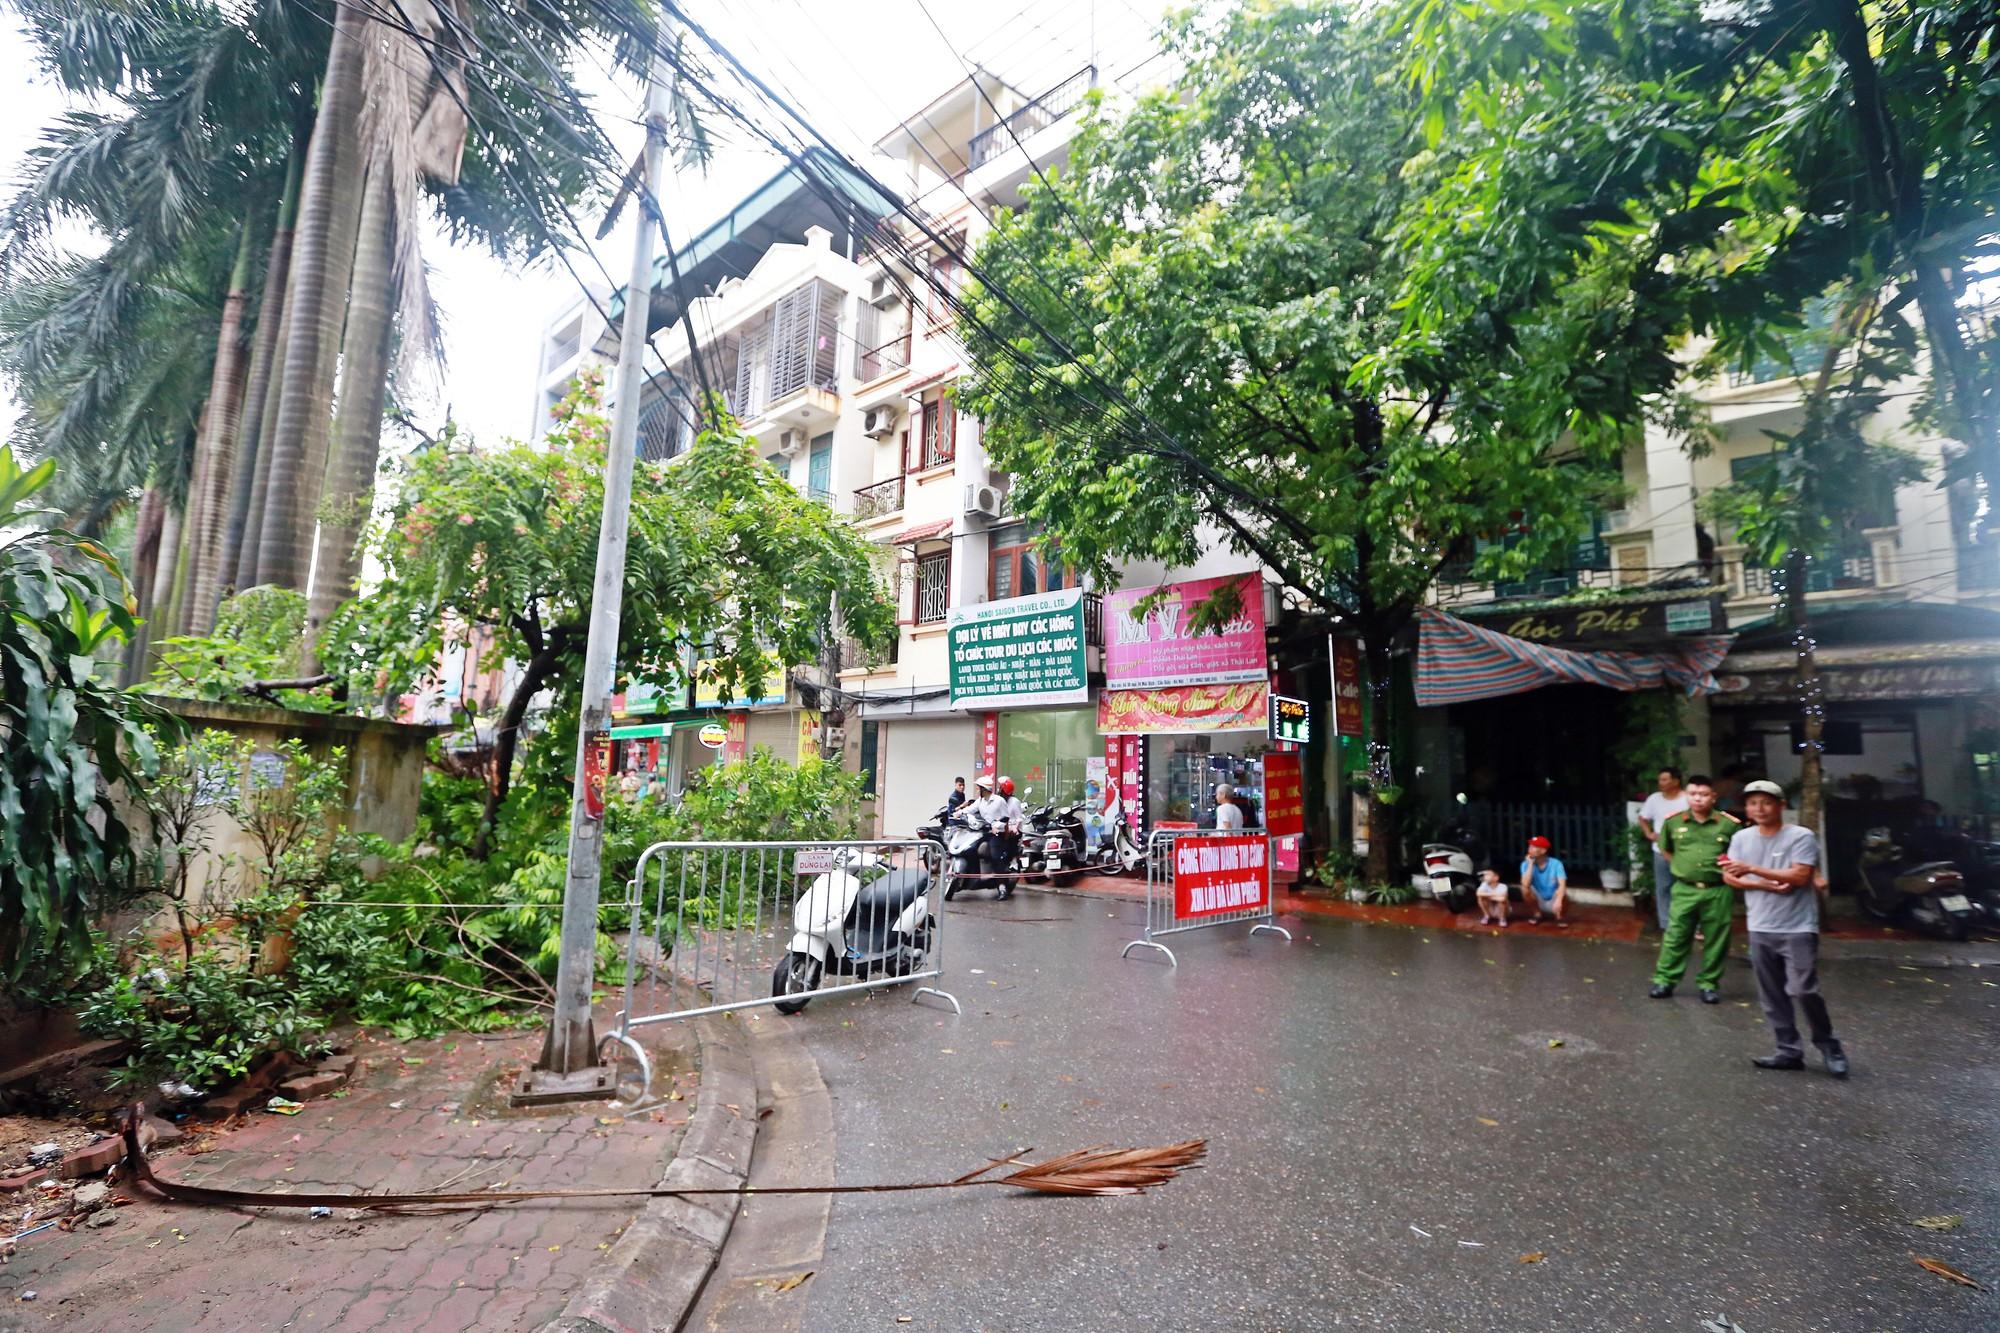 Hà Nội: Tháo dỡ bức tường chống nạng gỗ ở phường Mai Dịch - Ảnh 1.